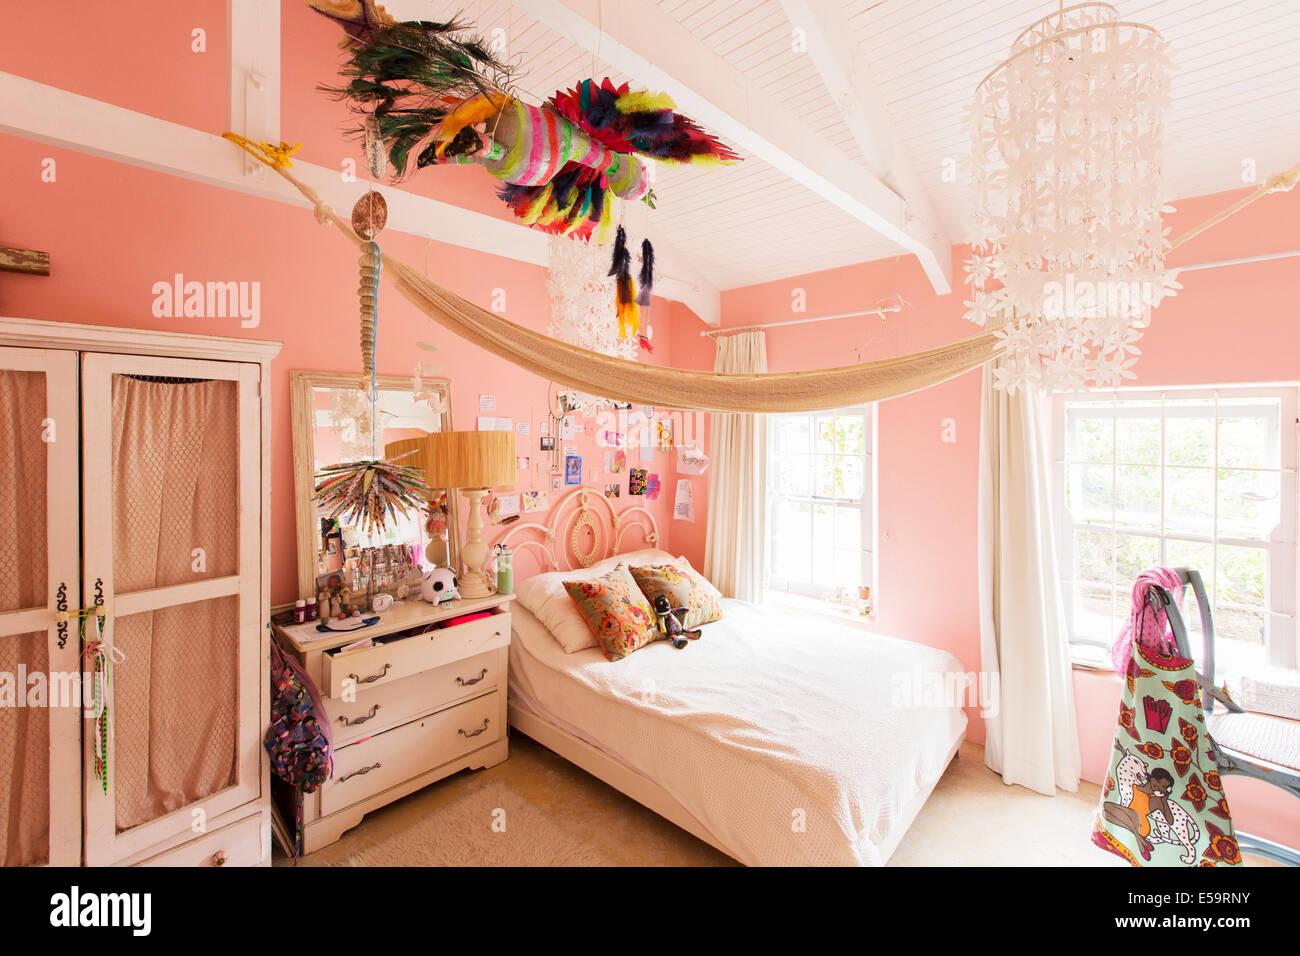 Decorative immagini decorative fotos stock alamy - Decorazioni camere da letto ...